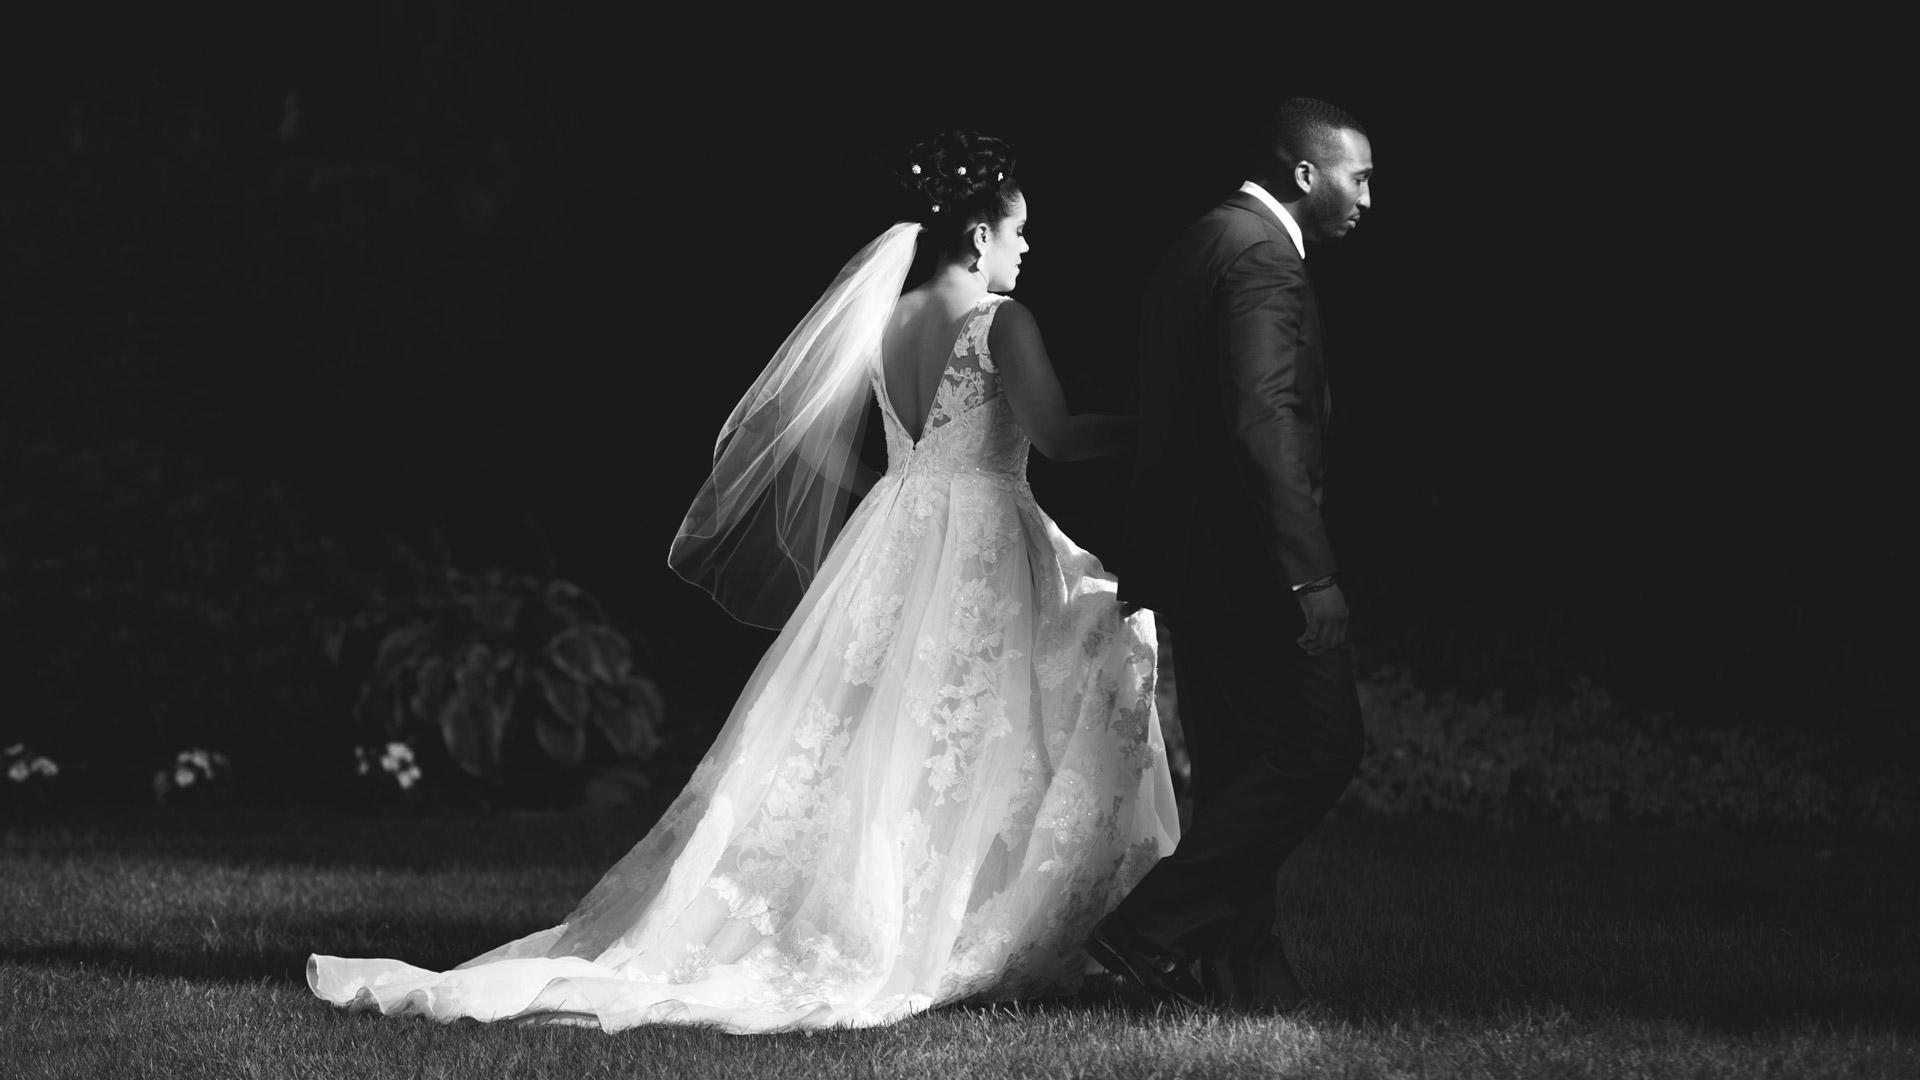 Woodwinds-Wedding-Photographs-branford-1-7.jpg